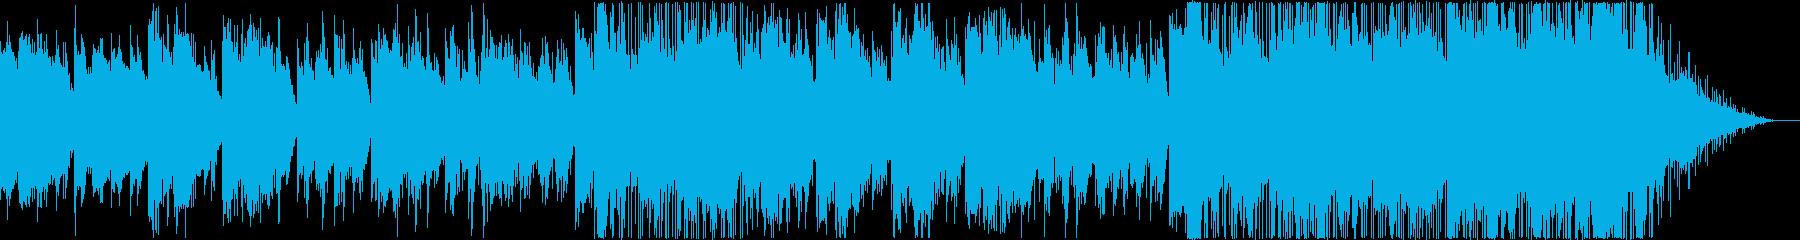 ジャングルのエクソシスト。ブードゥ...の再生済みの波形